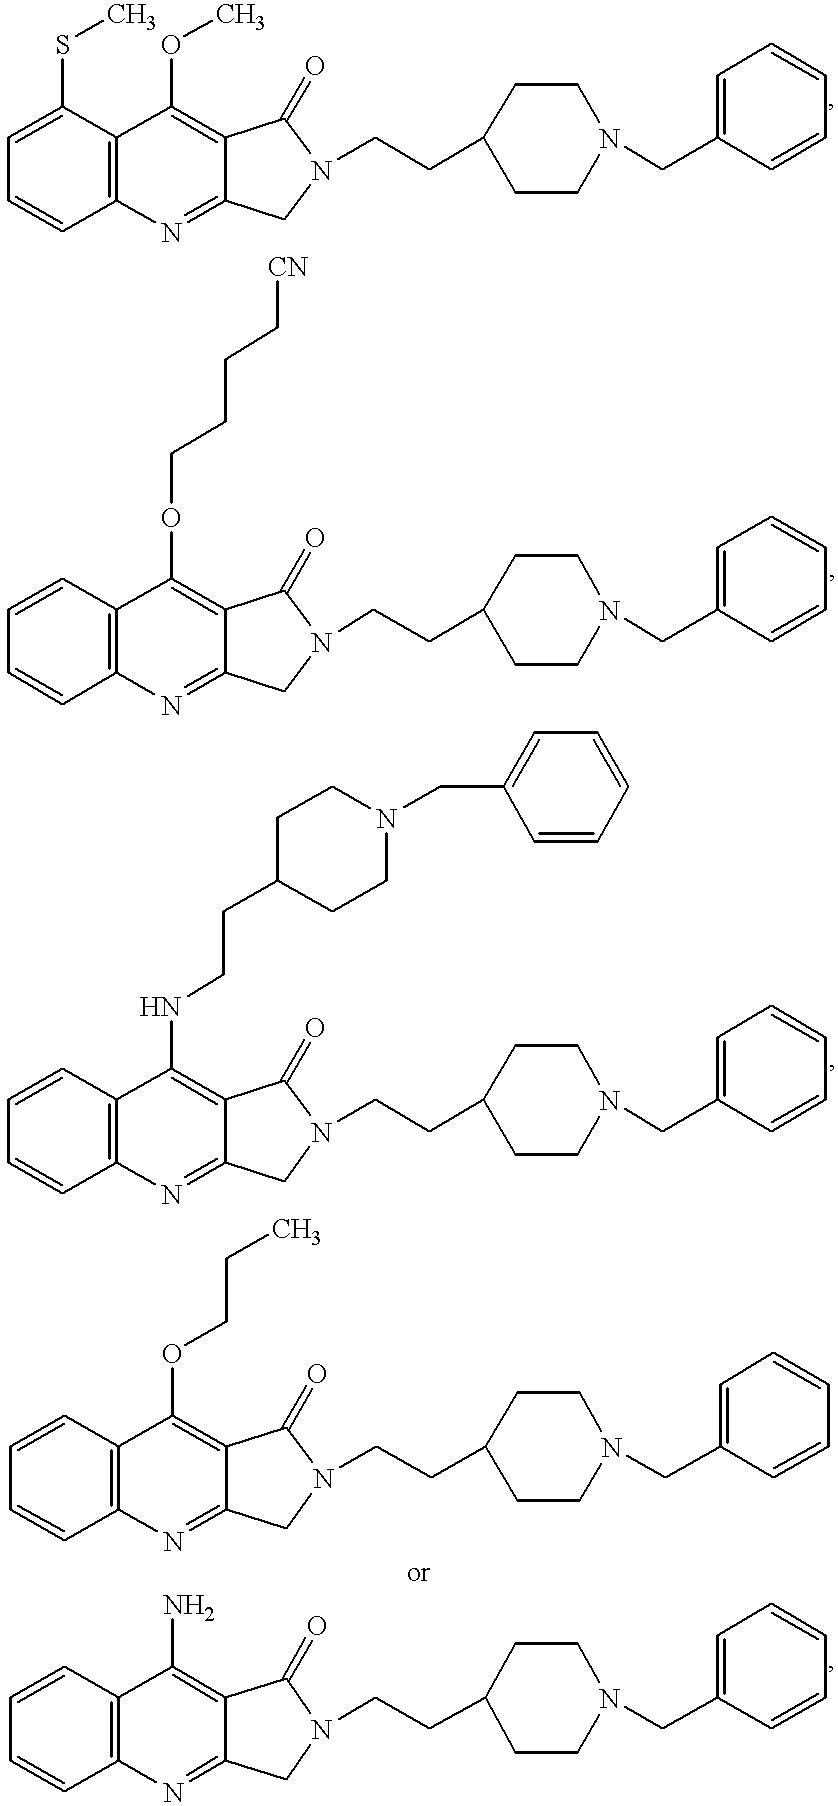 Figure US06218402-20010417-C00011